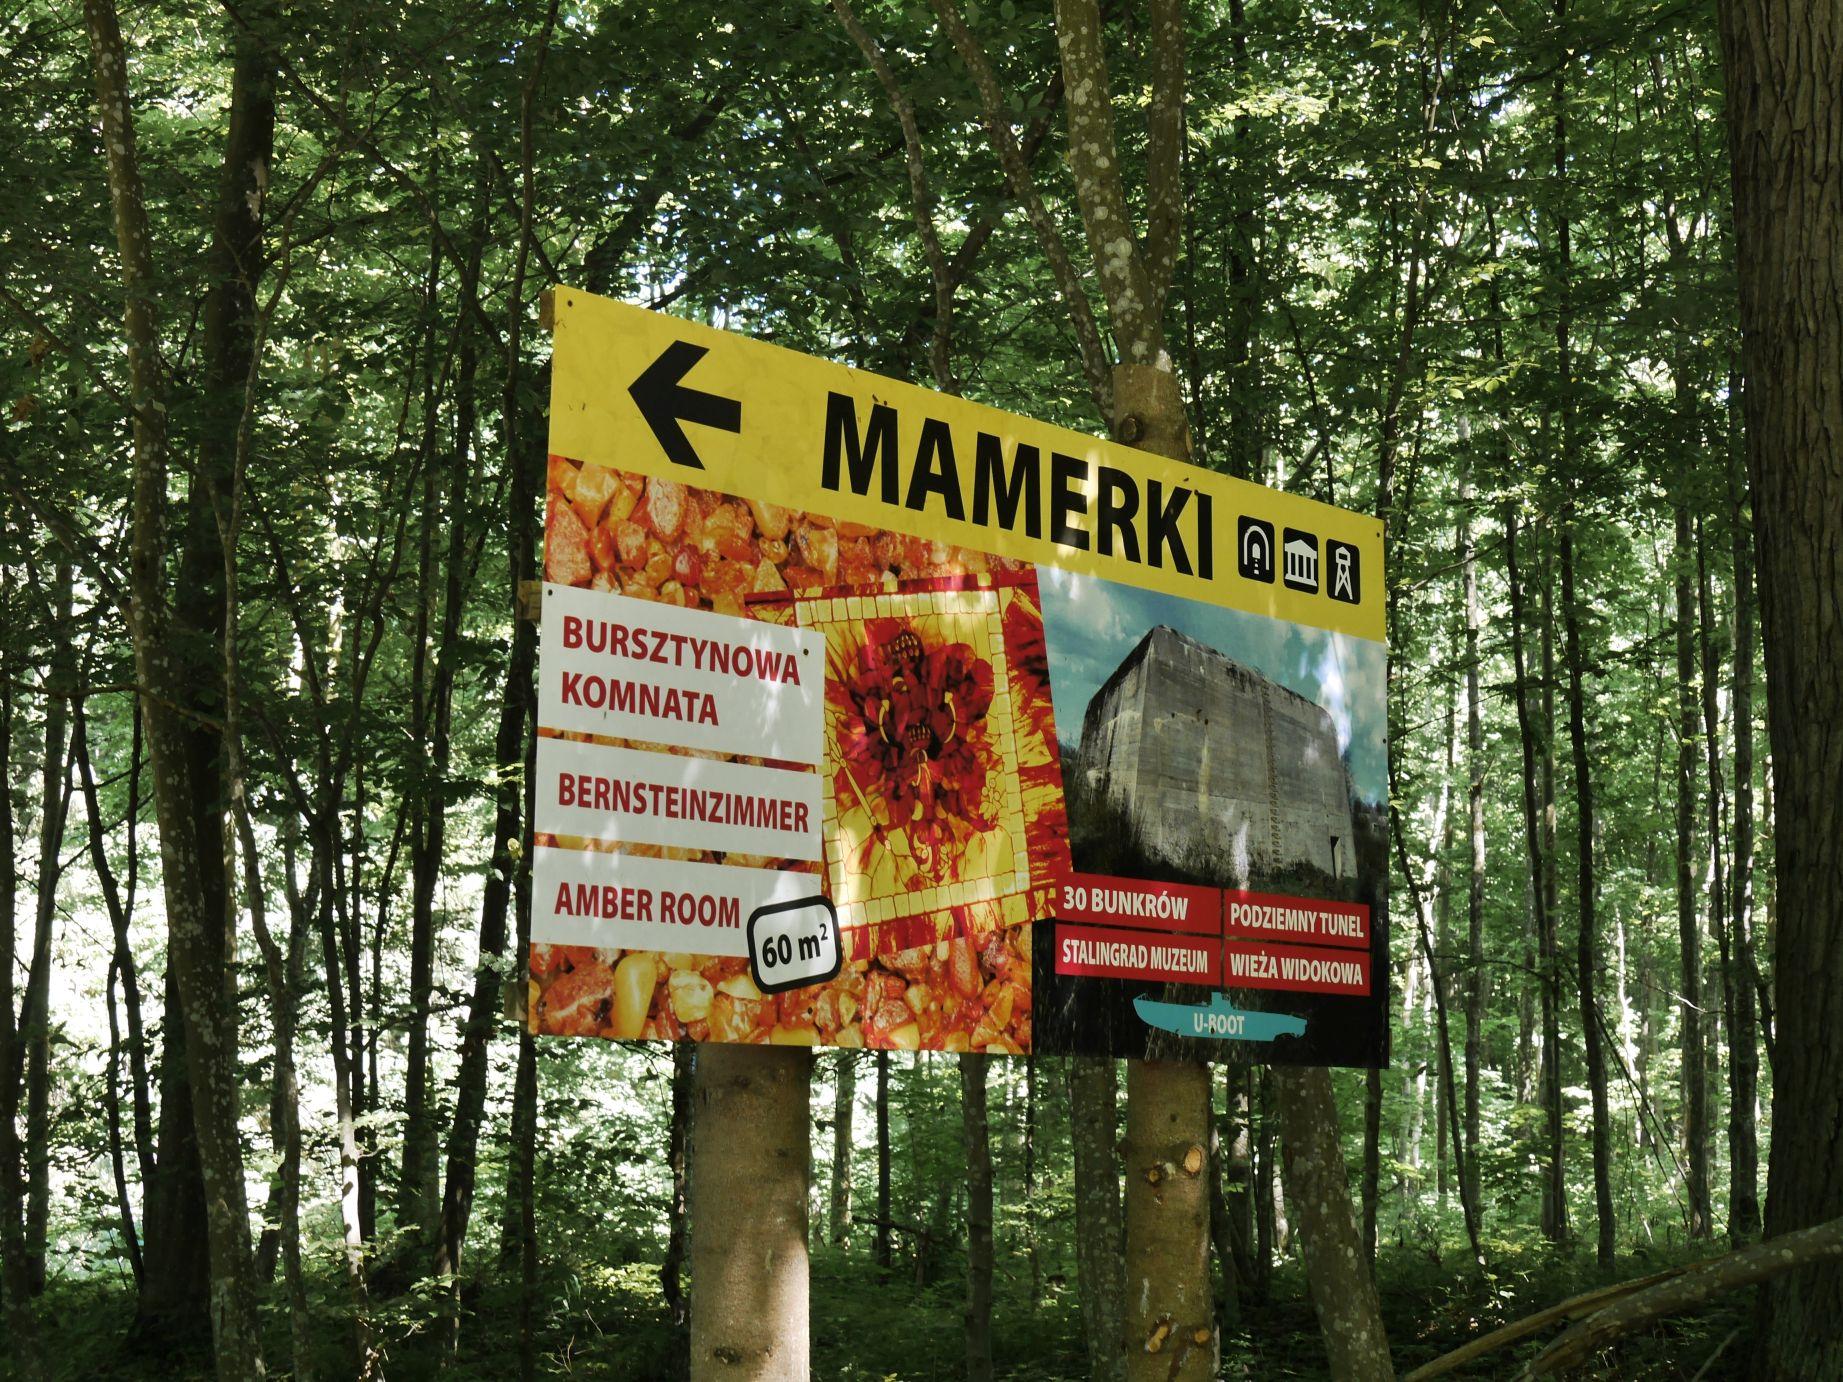 OKH in Mauerwald (Mamerki), heute ein Touristenmagnet